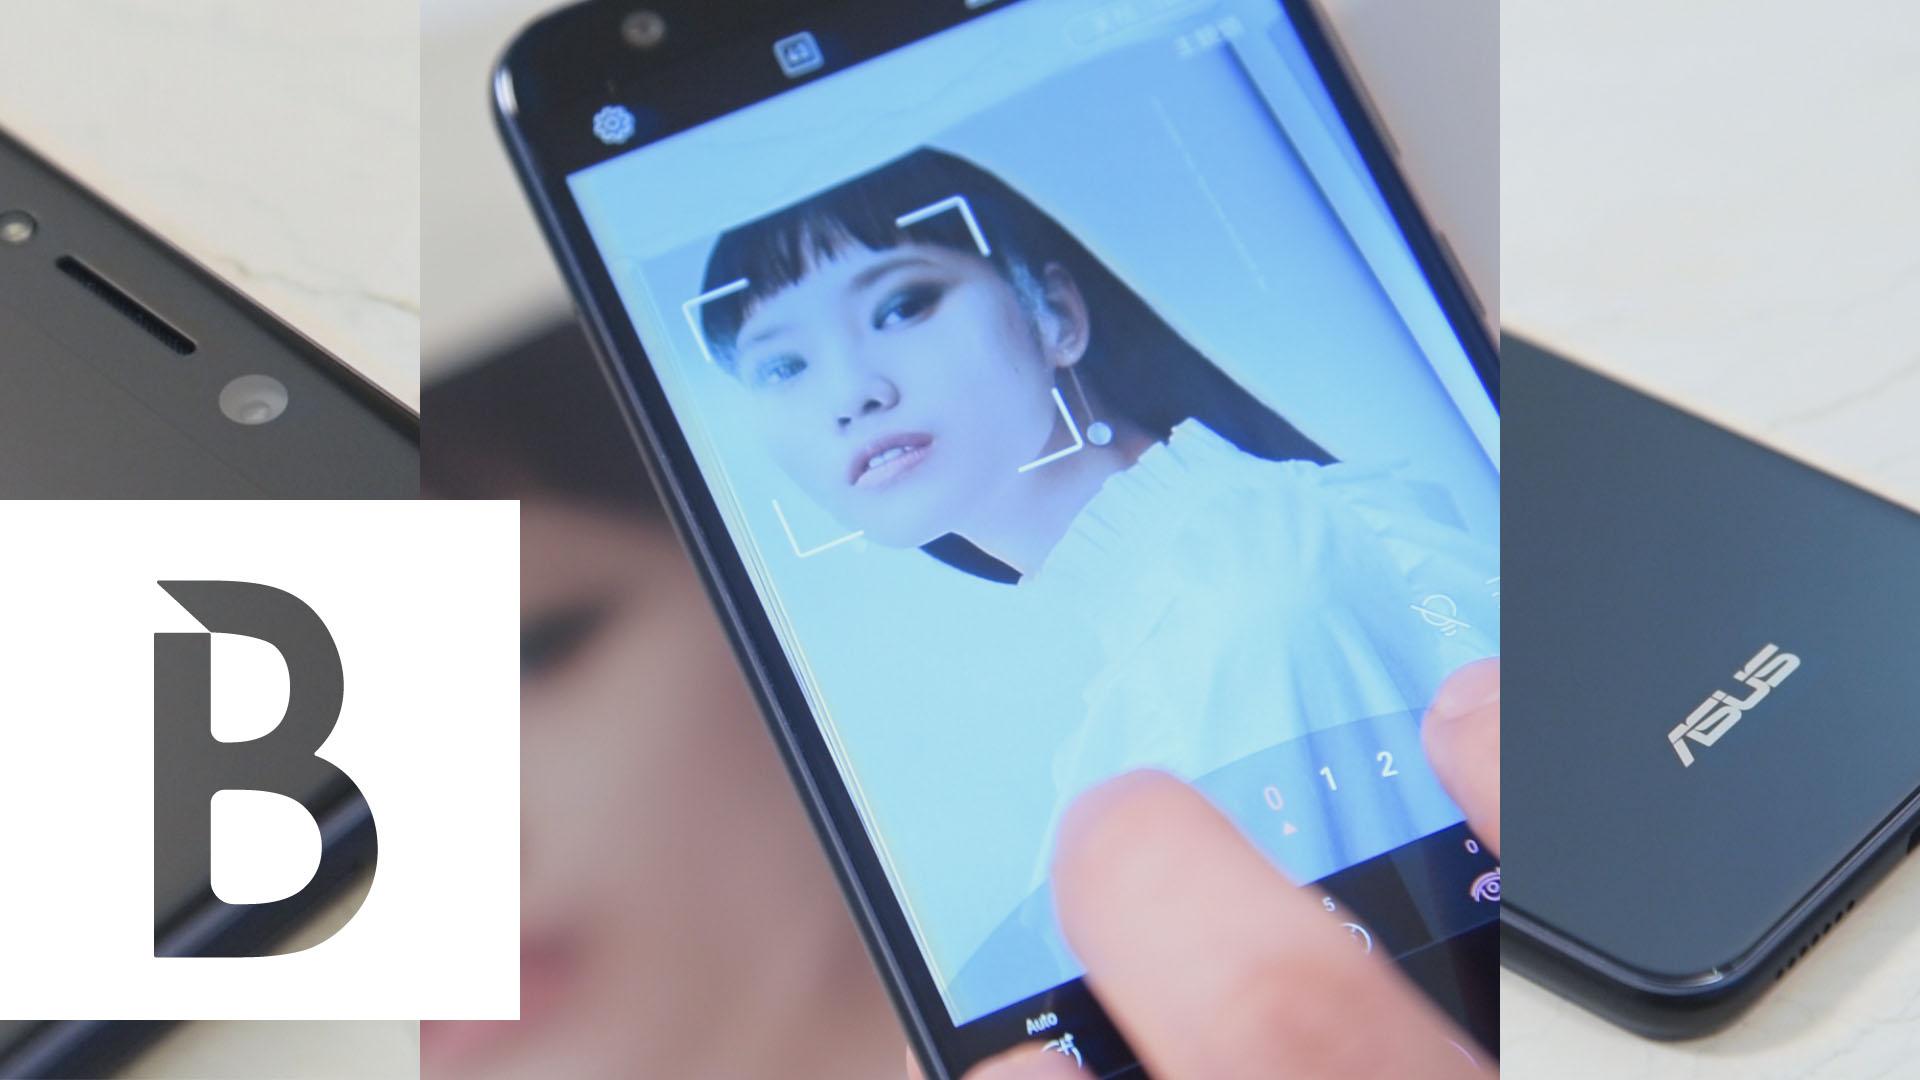 愛自拍女孩必備ZenFone 5Q讓妳自拍無死角